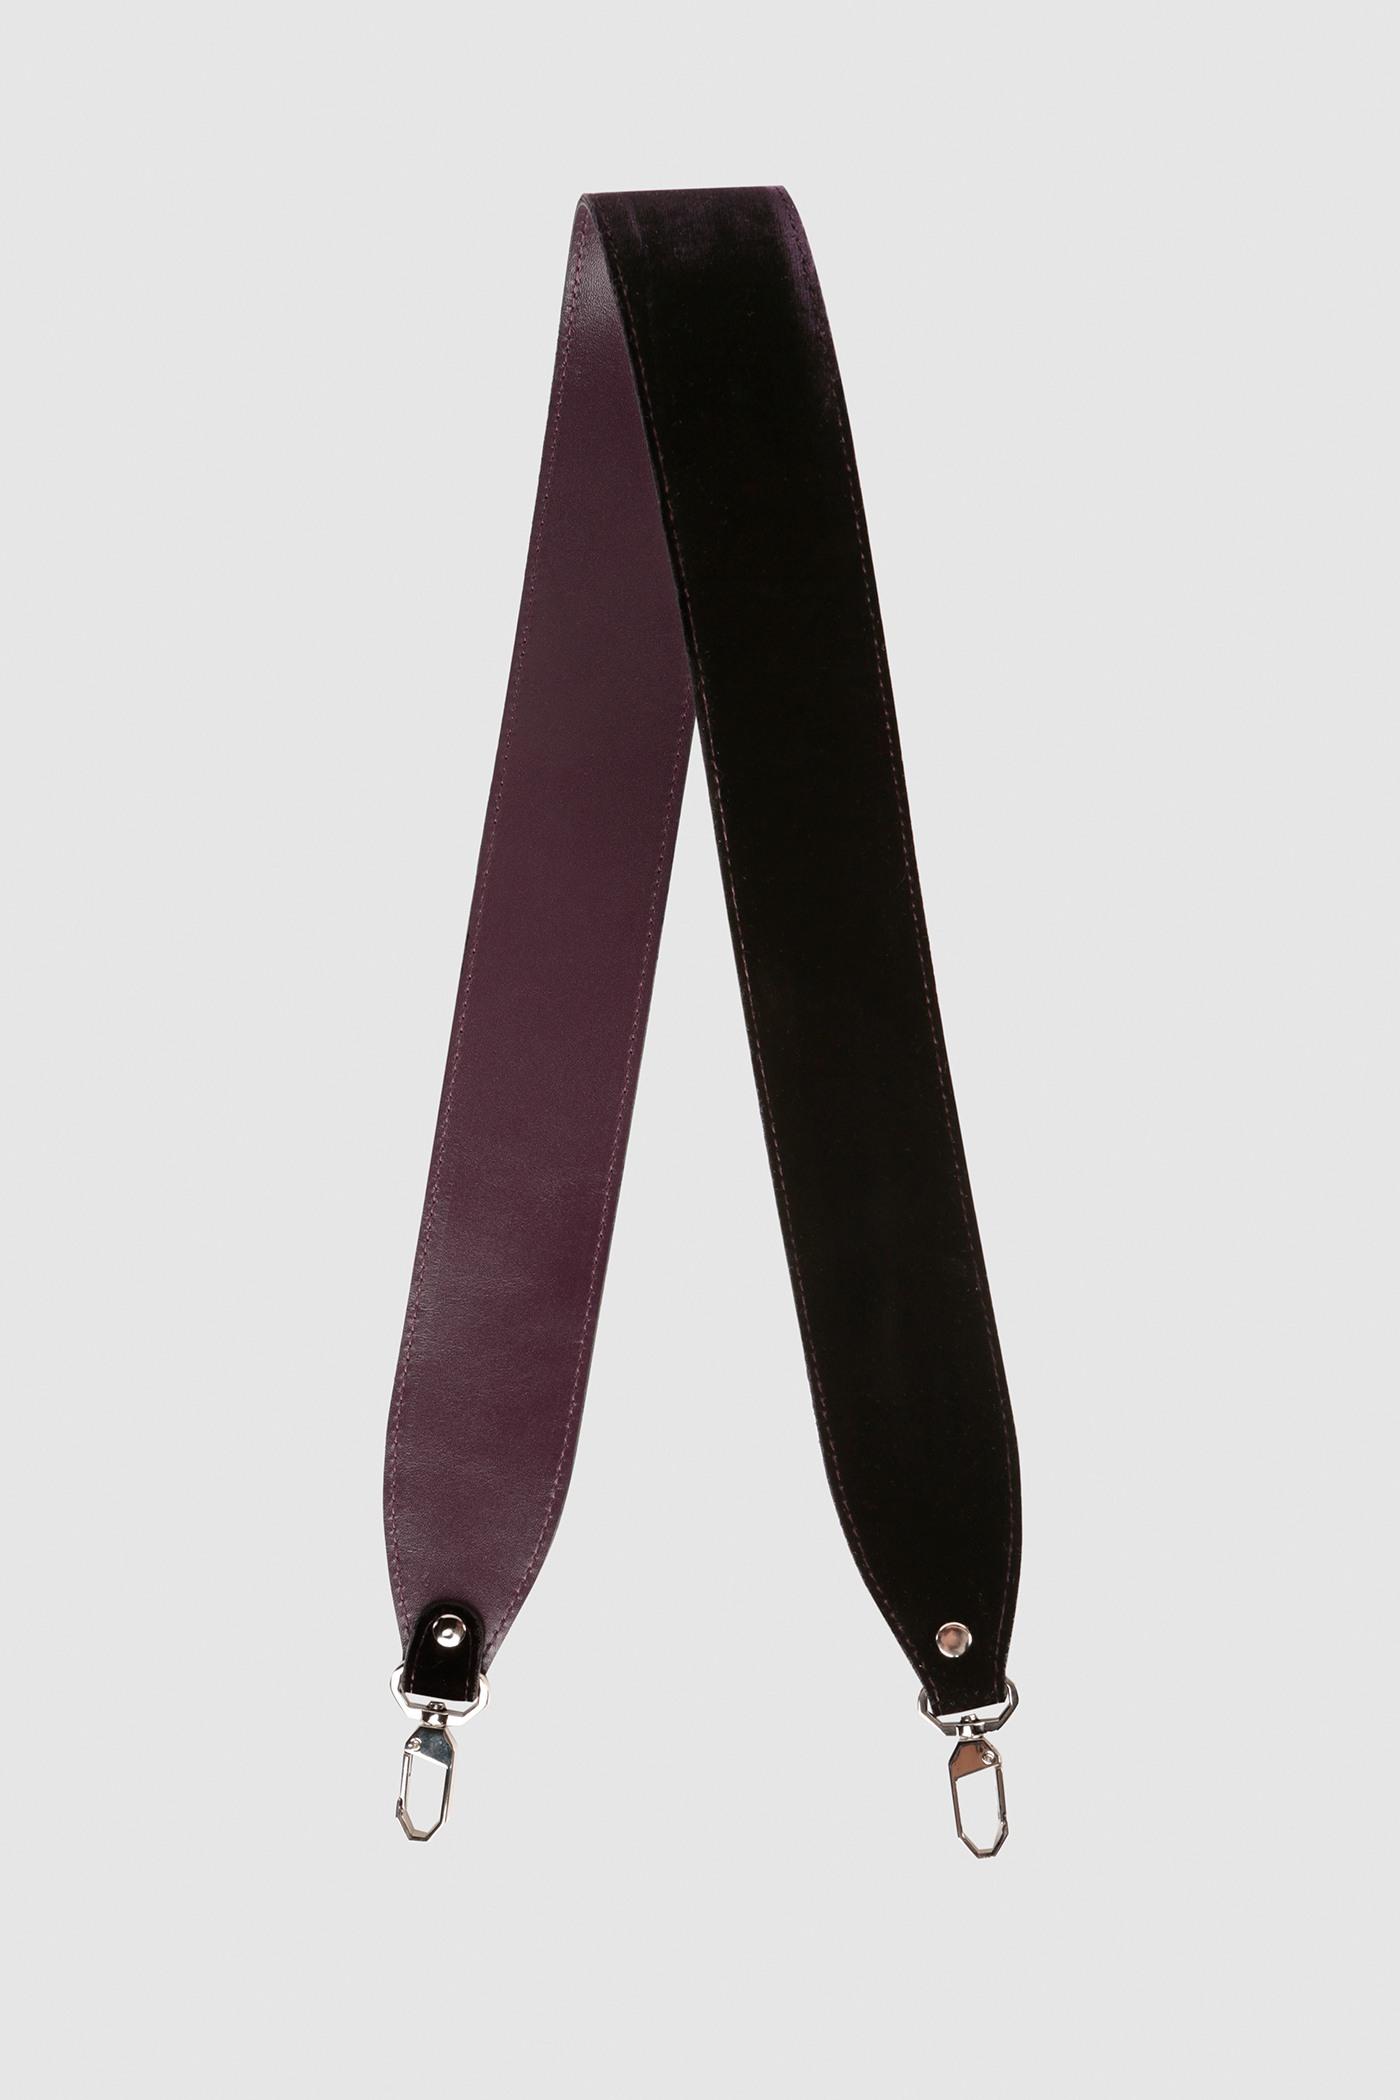 Ремешок на сумкуРемень широкий на двух карабинах из плотной натуральной кожи и бархата. Подходит к ряду моделей сумок.&#13;<br>&#13;<br>Размеры&#13;<br>Длина: 80 см&#13;<br>Ширина: 5 см<br><br>Цвет: Баклажан